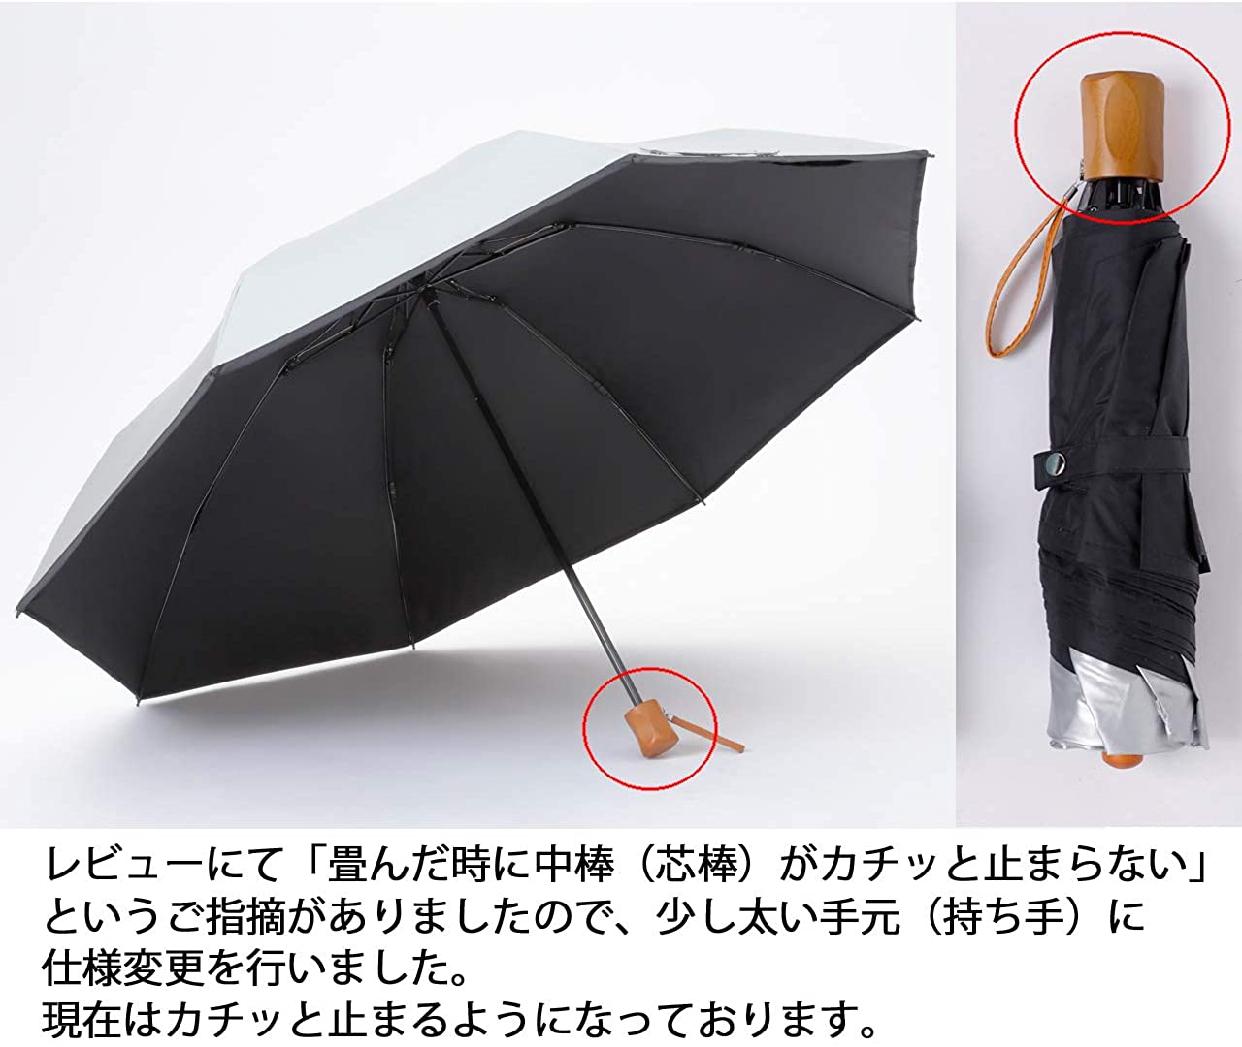 Lieben(リーベン) 日傘 晴雨兼用 大きい3つ折傘 ひんやり傘の商品画像5